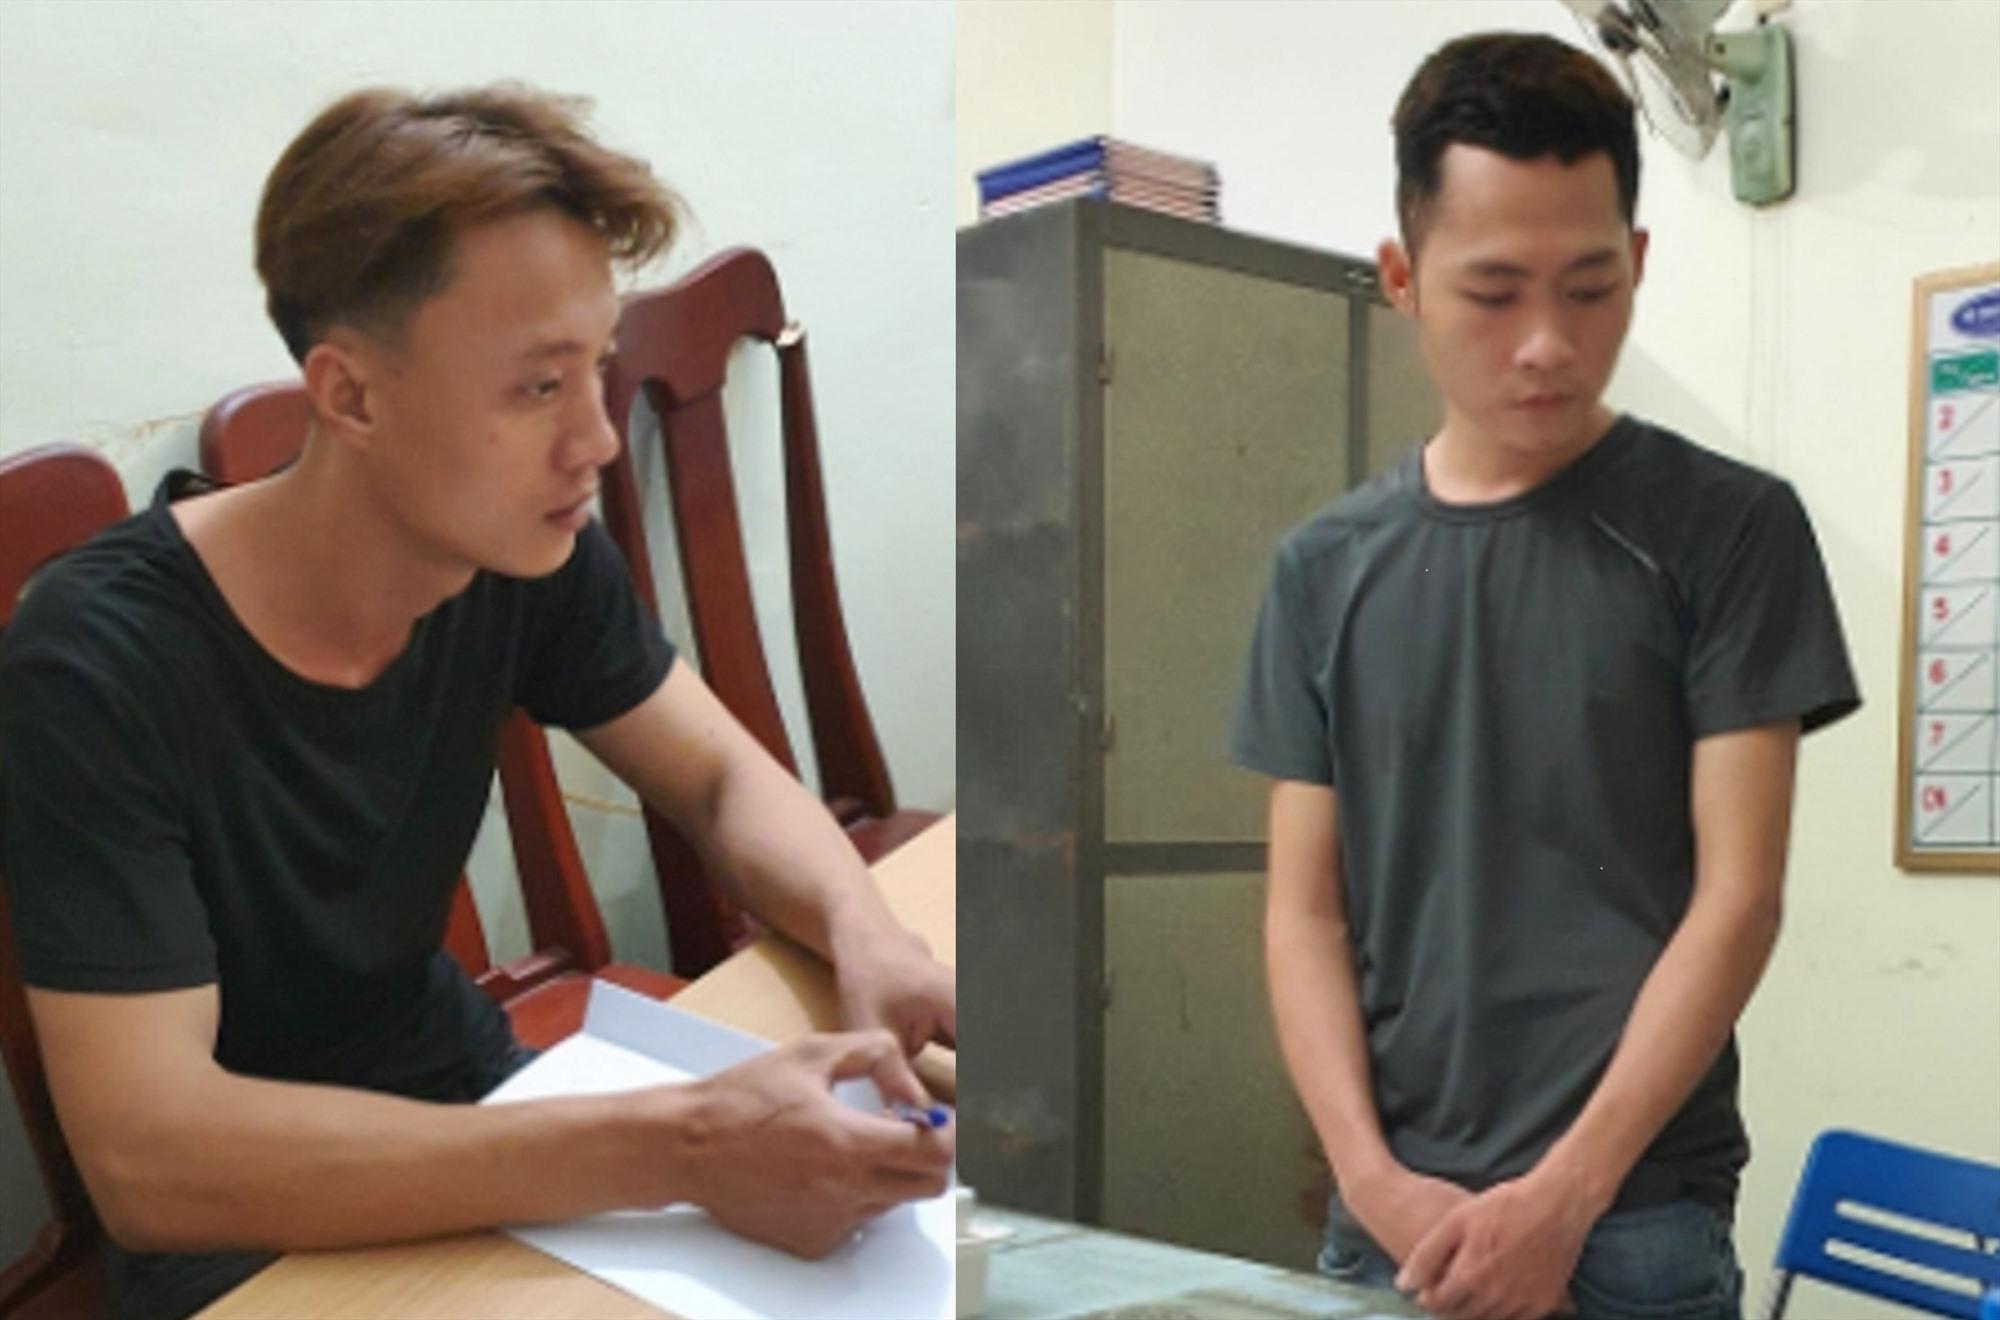 Ảnh 2: Nguyễn Thái Thành tại cơ quan Công an. (Ảnh CA cung cấp) Ảnh 3: Võ Hồng Quang tại cơ quan Công an. (Ảnh CA cung cấp)